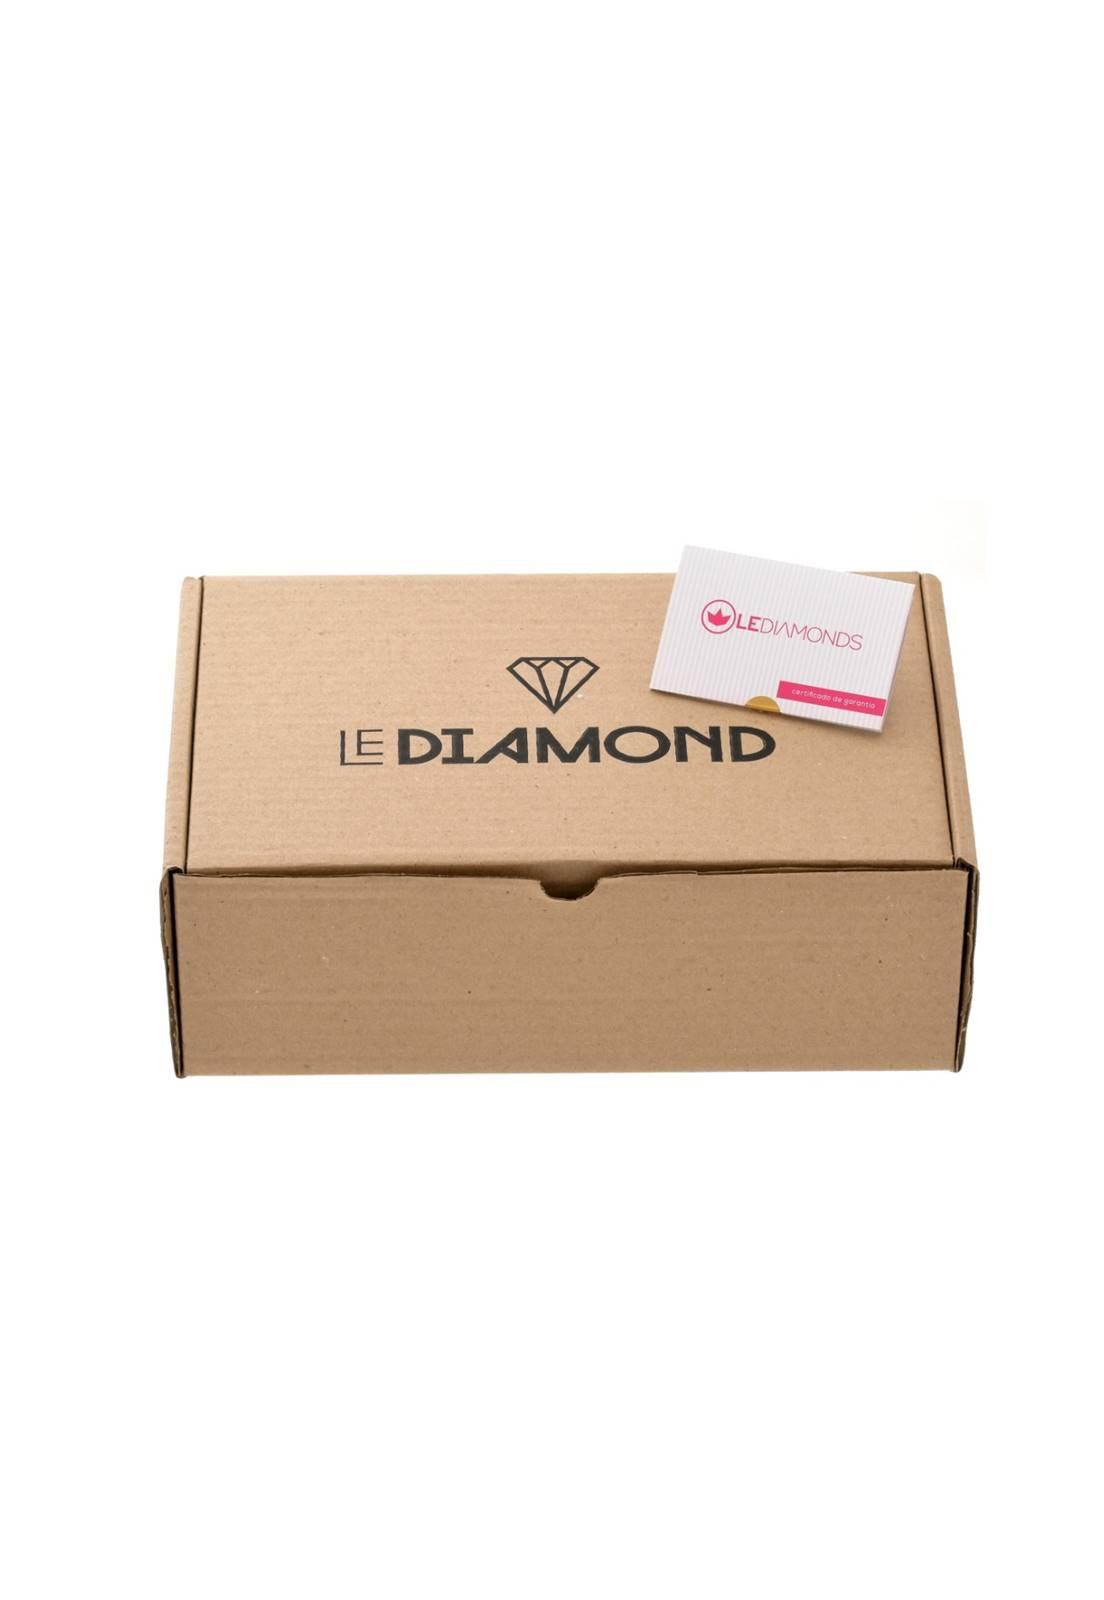 Brinco Le Diamond Croche Dourado